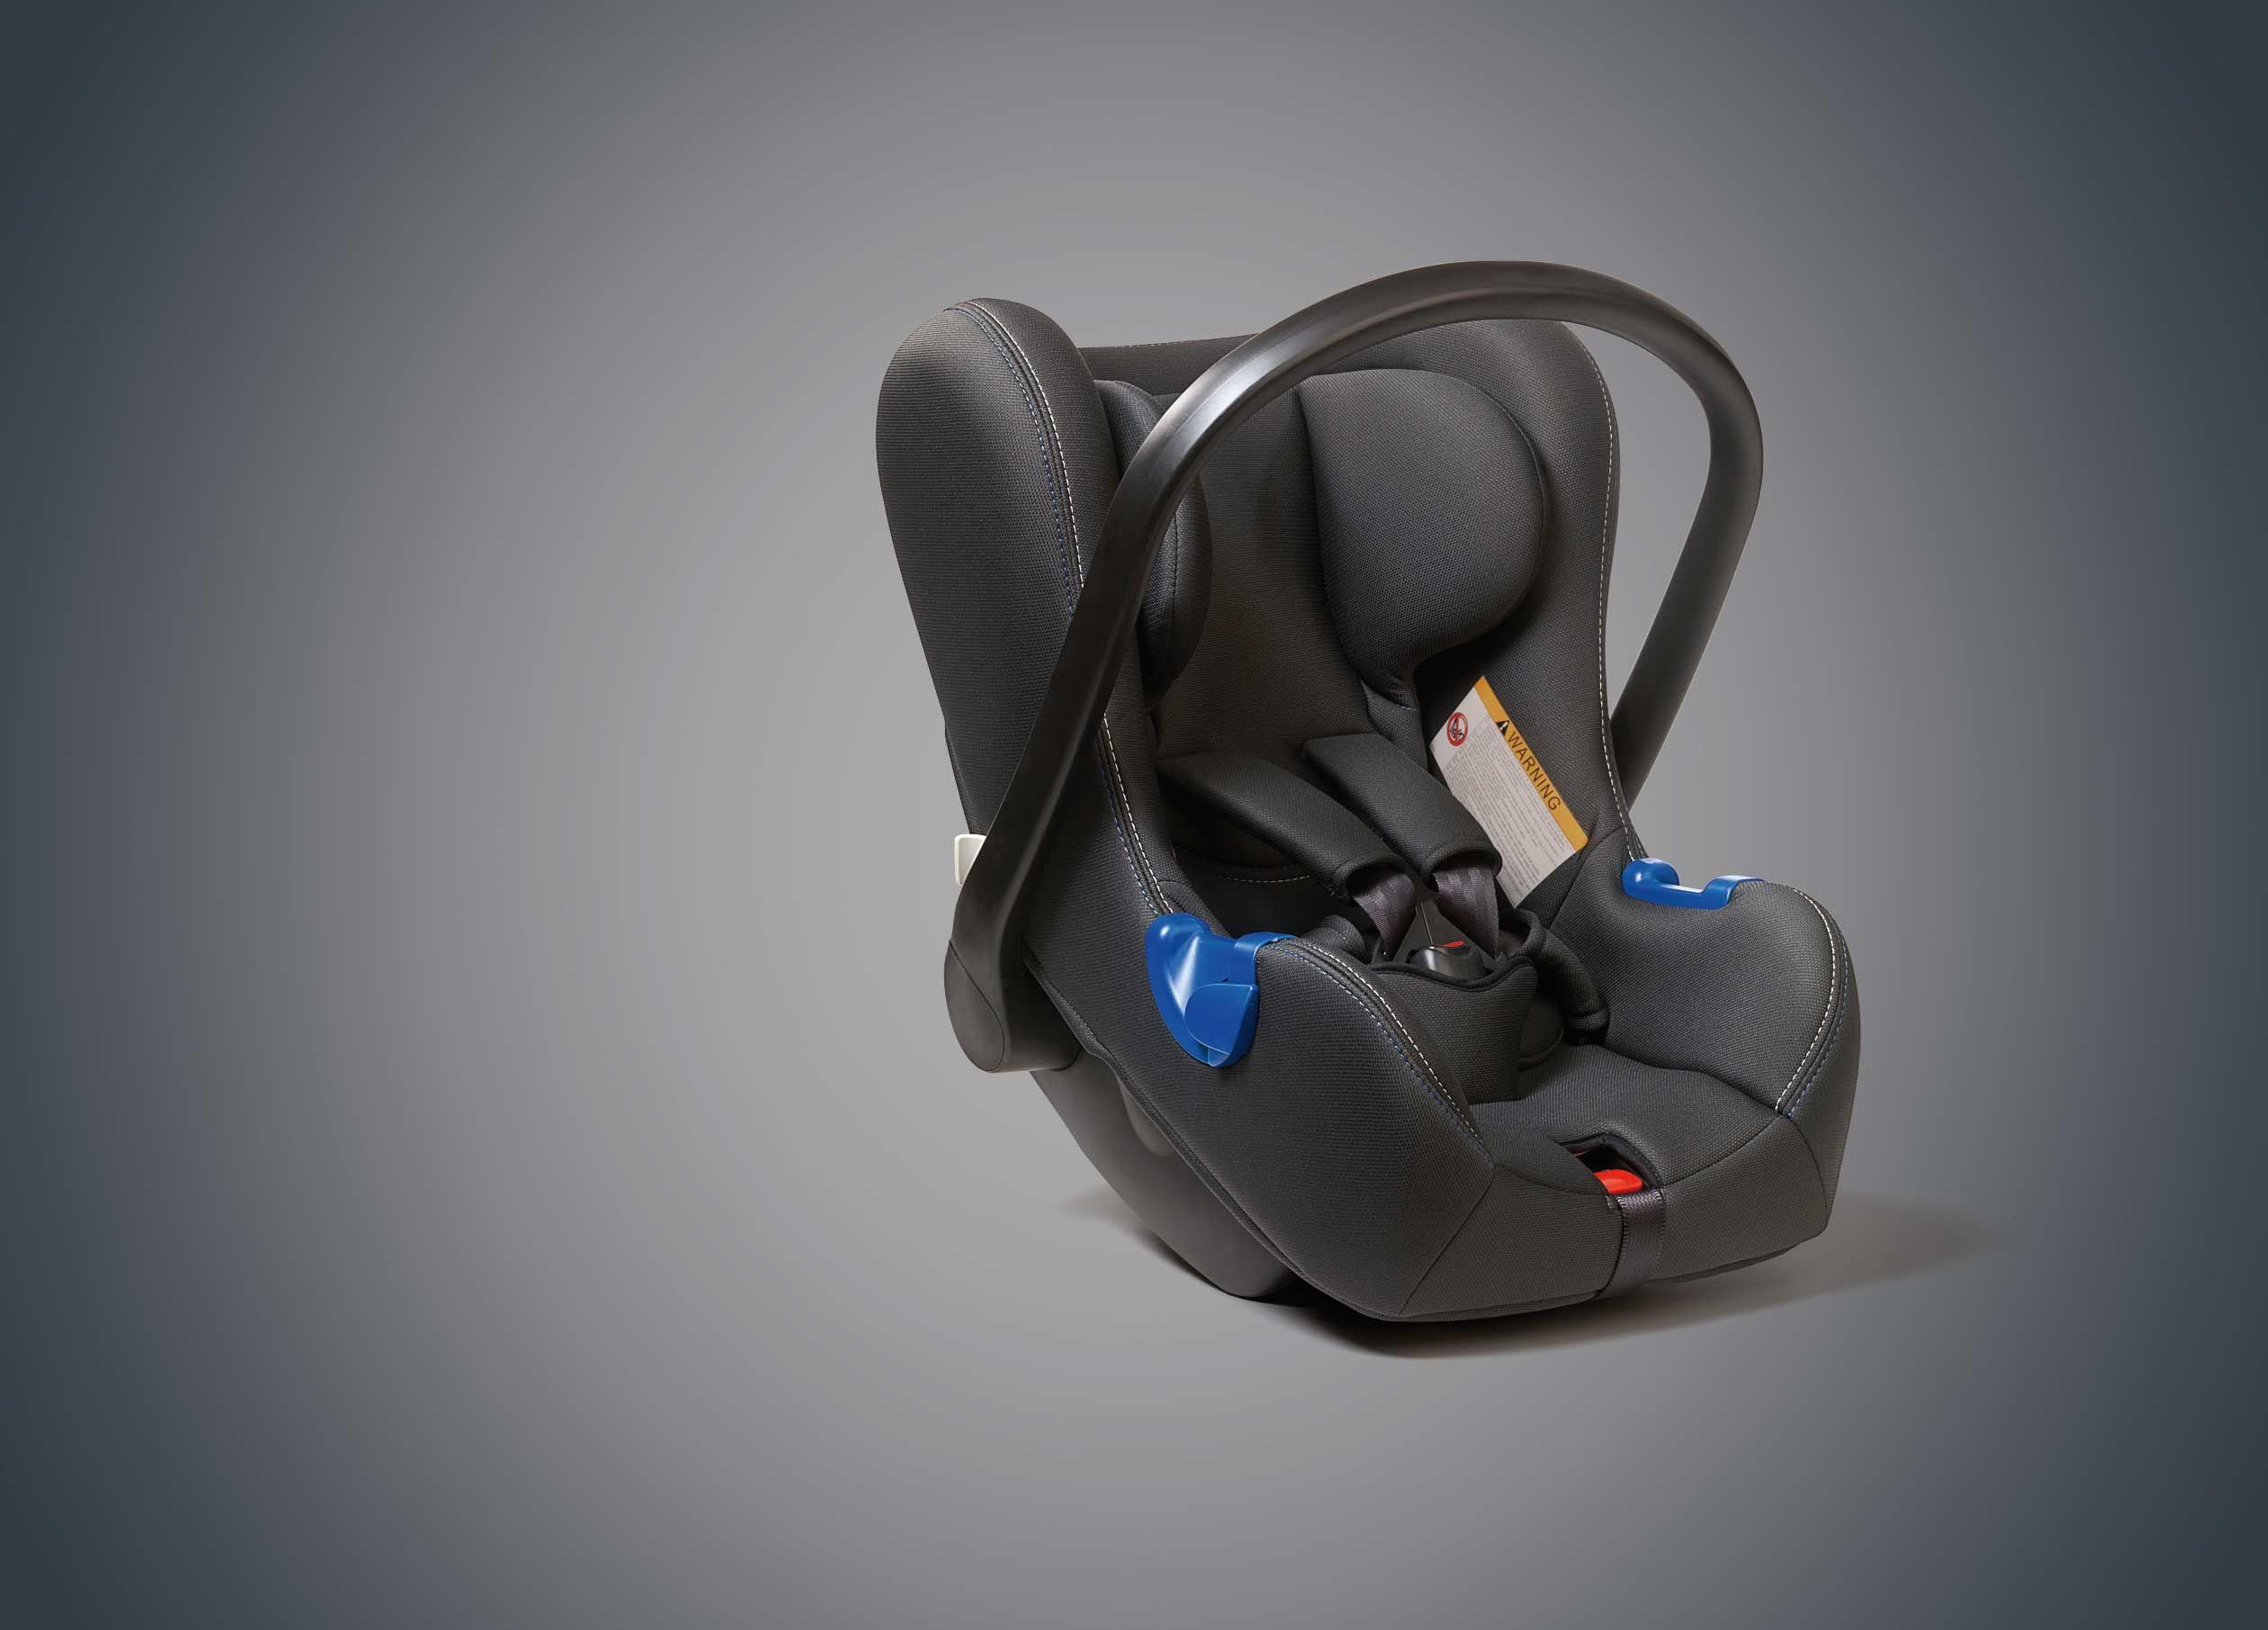 เบาะนั่งนิรภัยสำหรับเด็ก แรกเกิด (Seat Belt)/ Child Seat (0-15 Months)